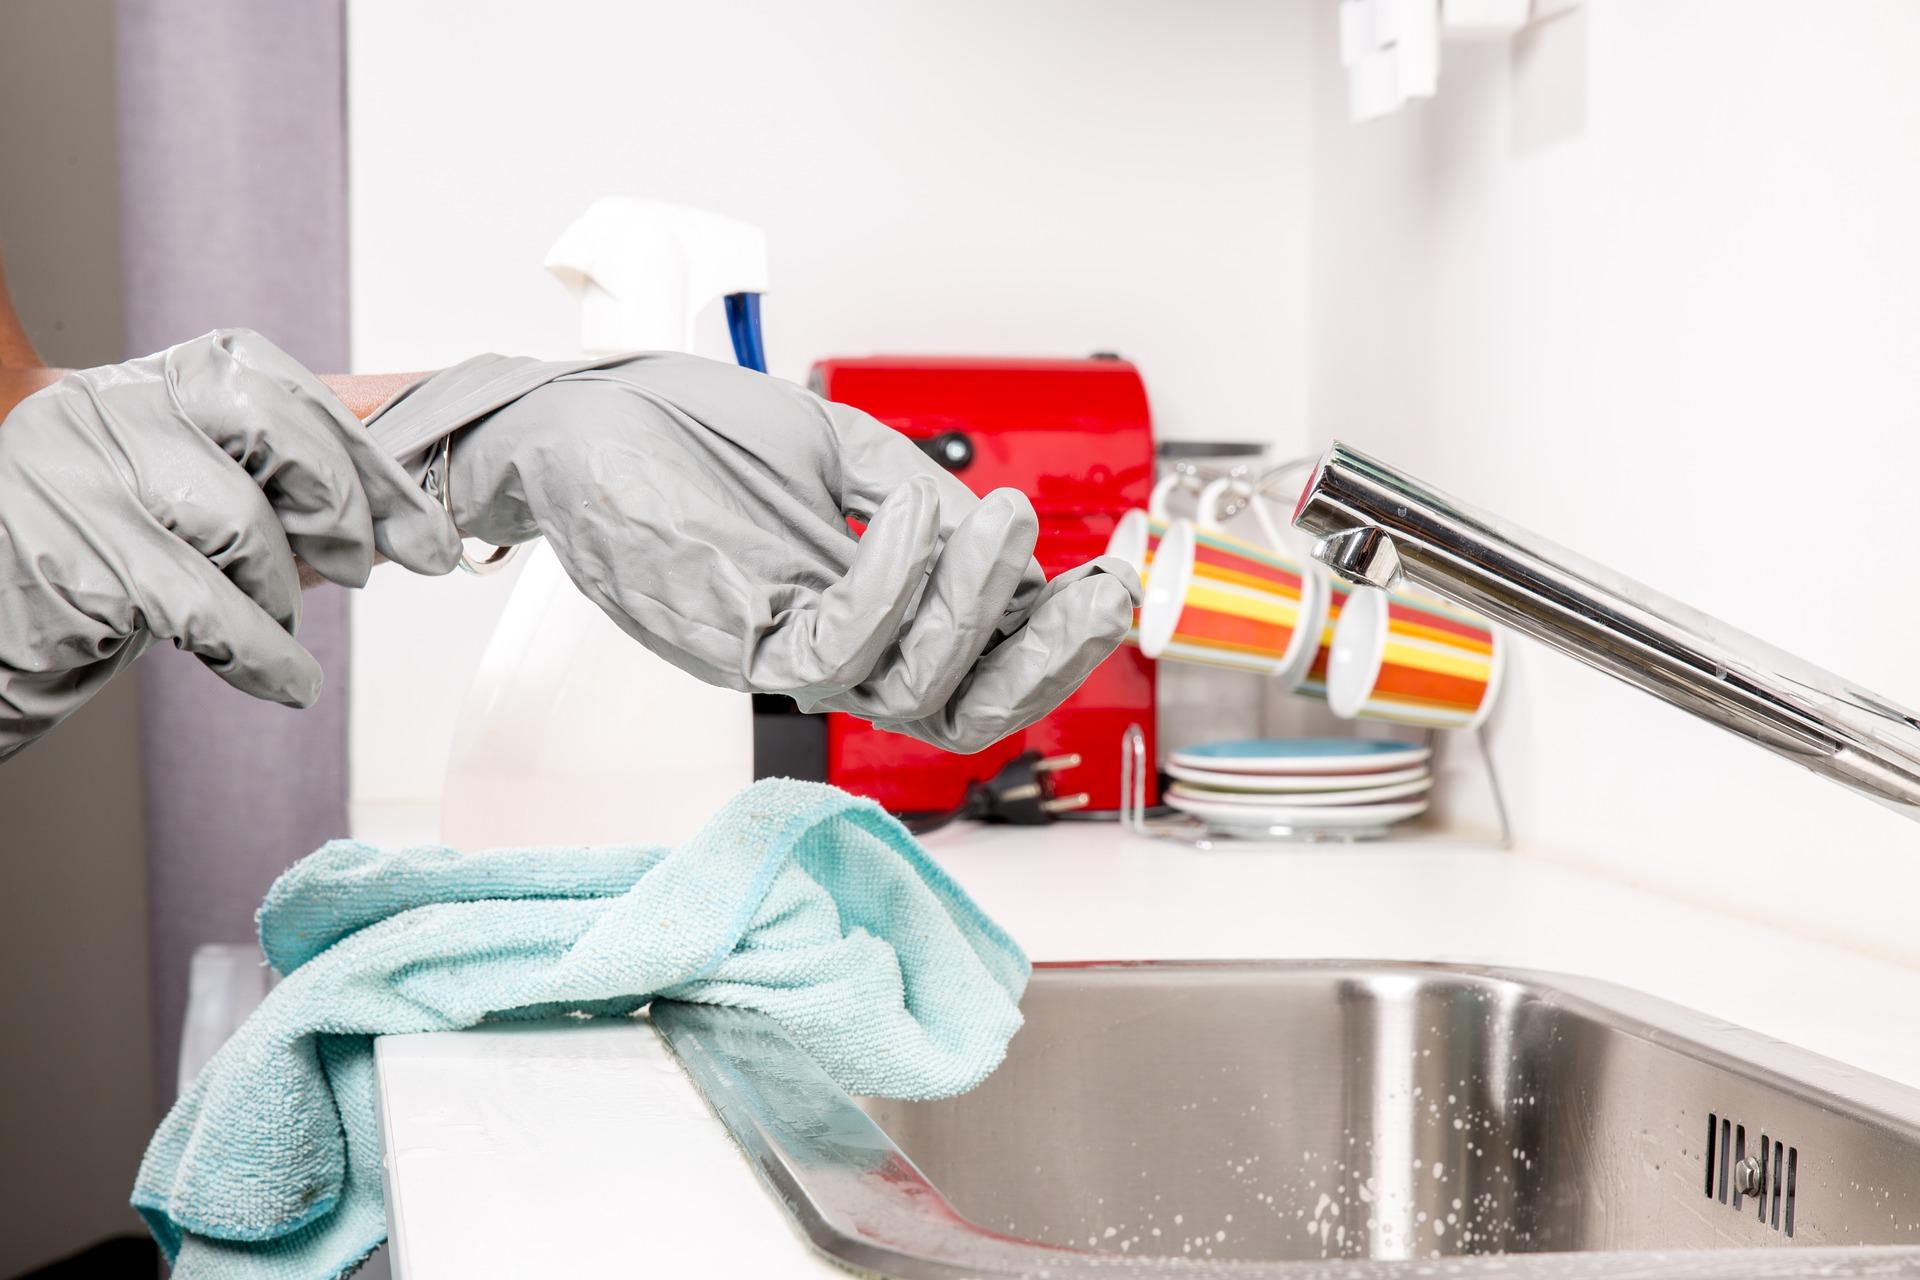 gummihansker på person som vasker i renholdsbransjen.jpg